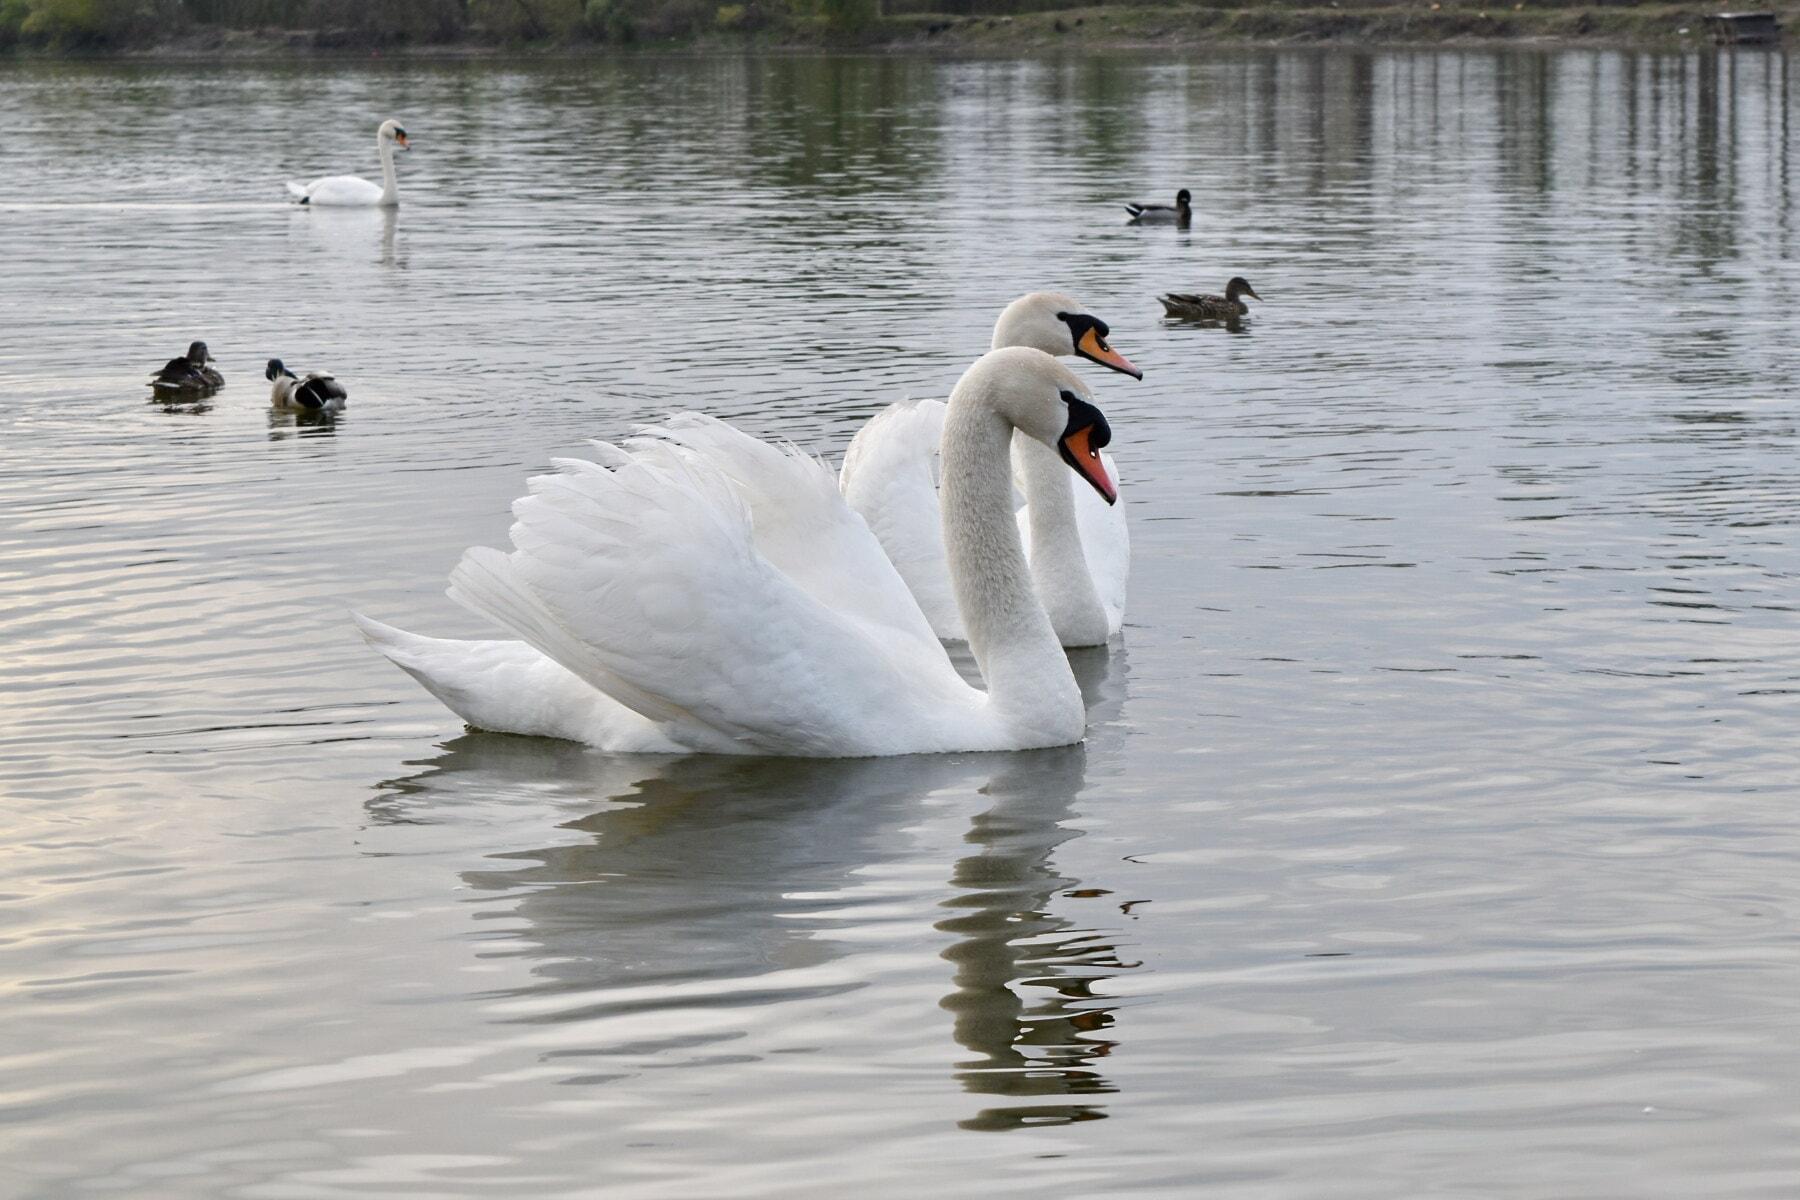 Schwan, Schwimmen, Wasser, Vögel, Reflexion, Wasservögel, See, Vogel, Teich, aquatische Vogel